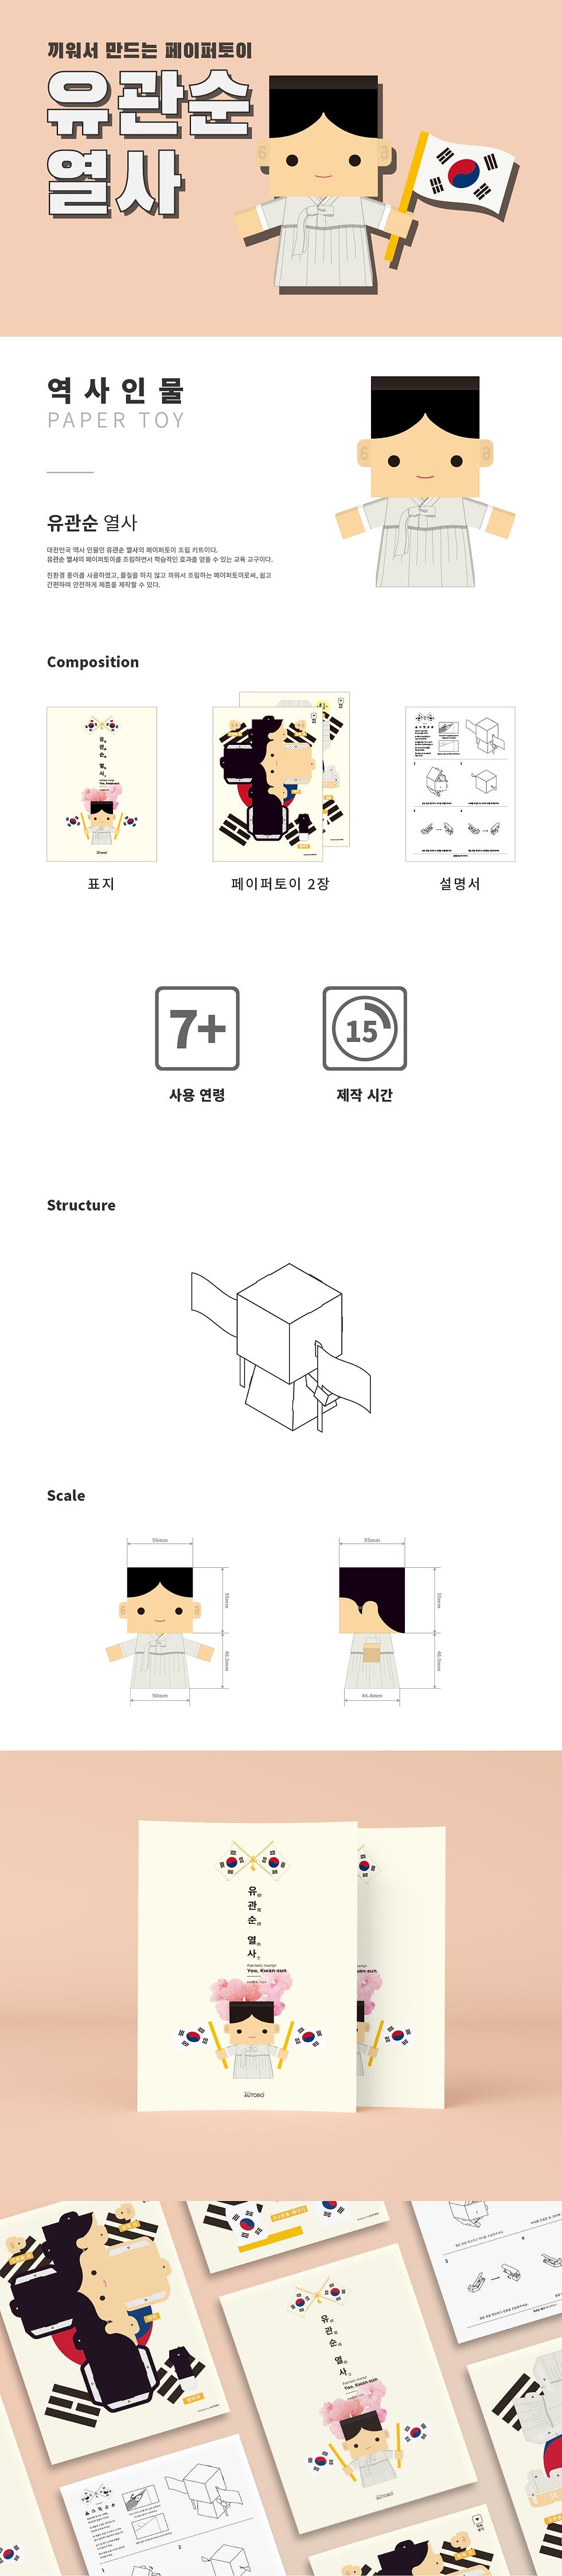 01-14. 유관순 열사_비접착_상세페이지.png